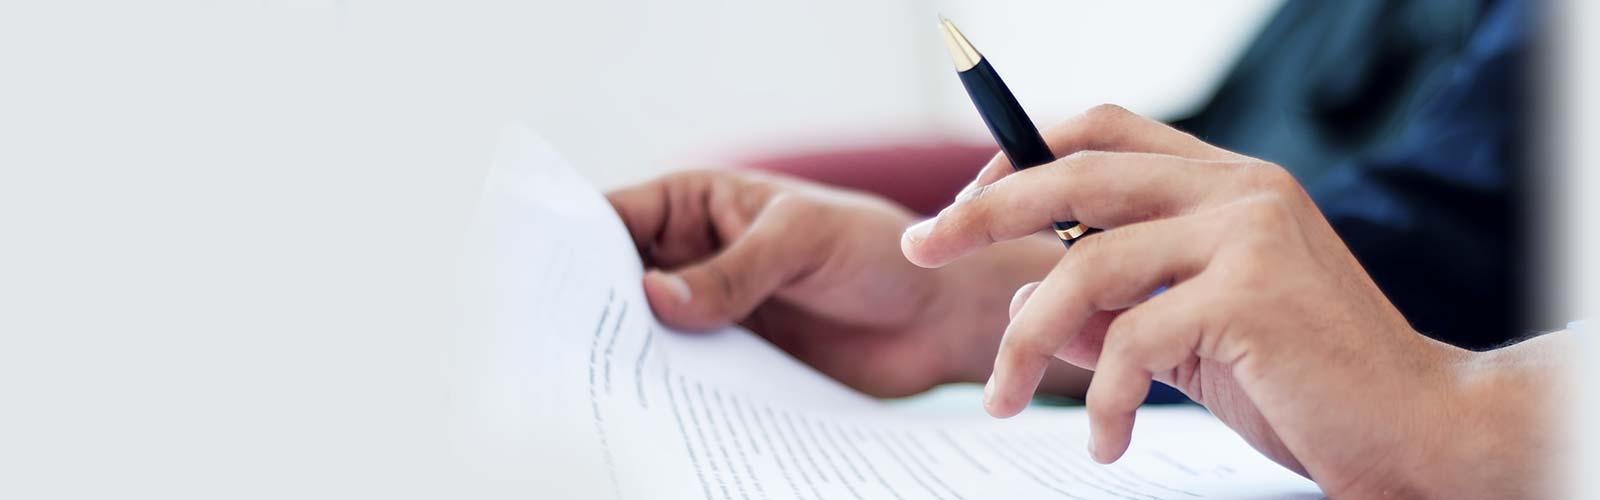 صدور ضمانت نامه برای شرکت های دانش بنیان